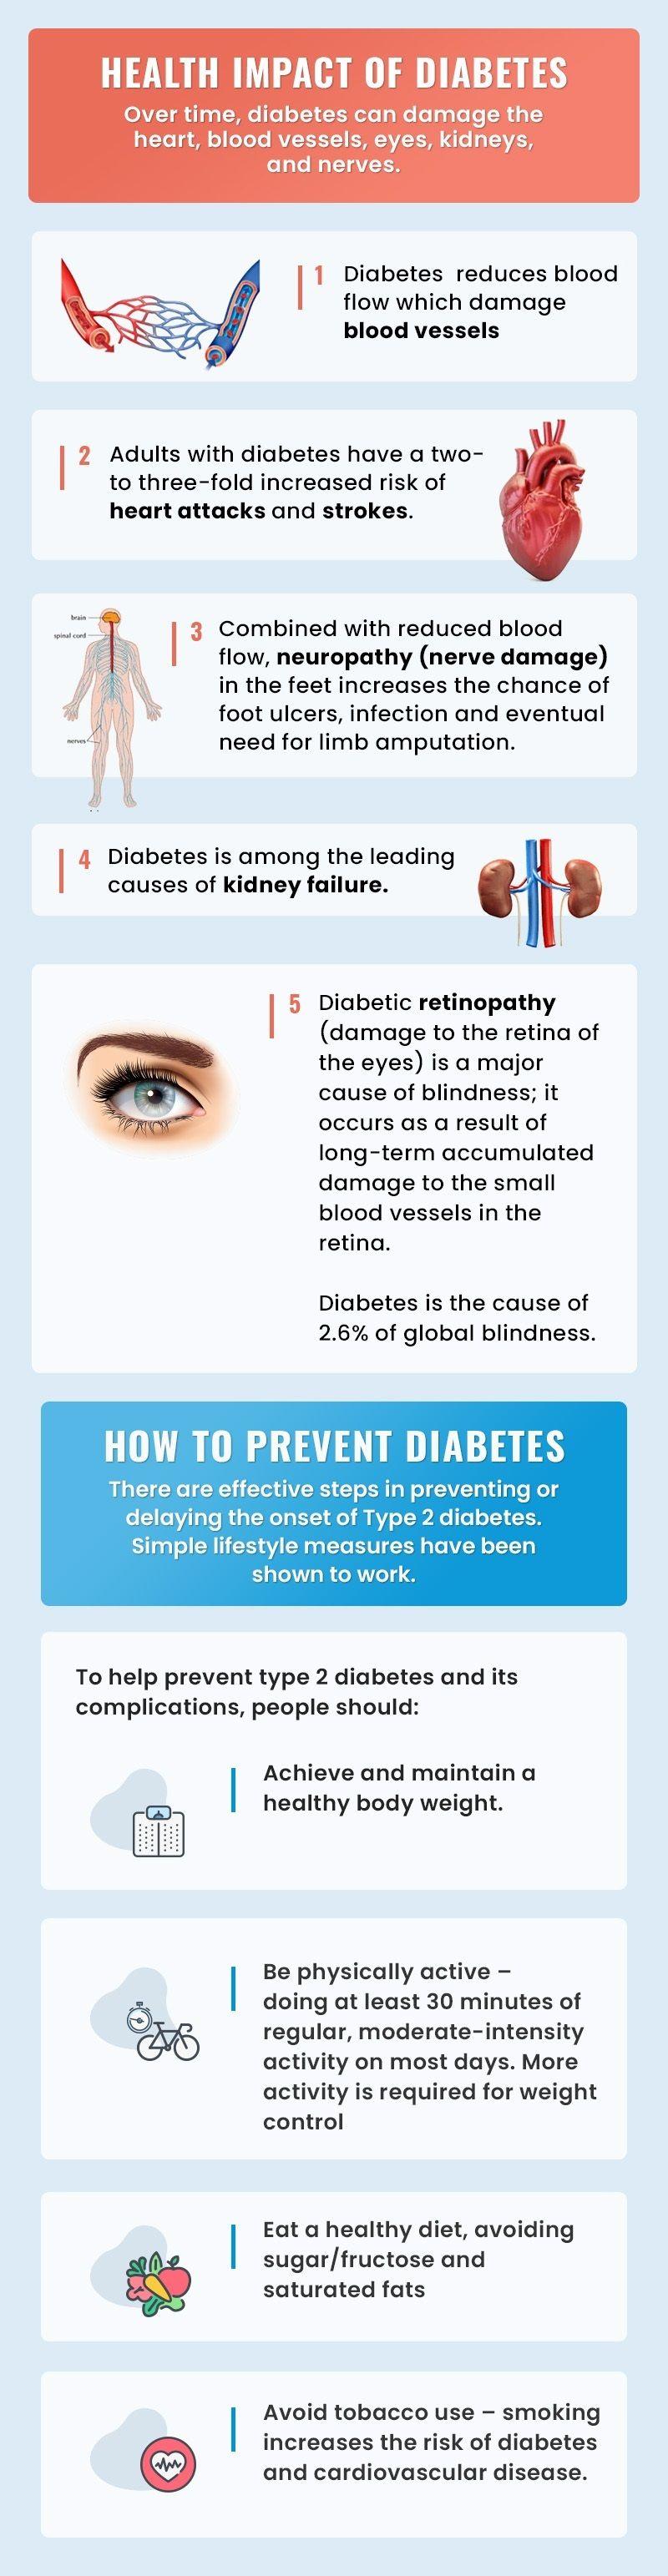 How to prevente diabetes